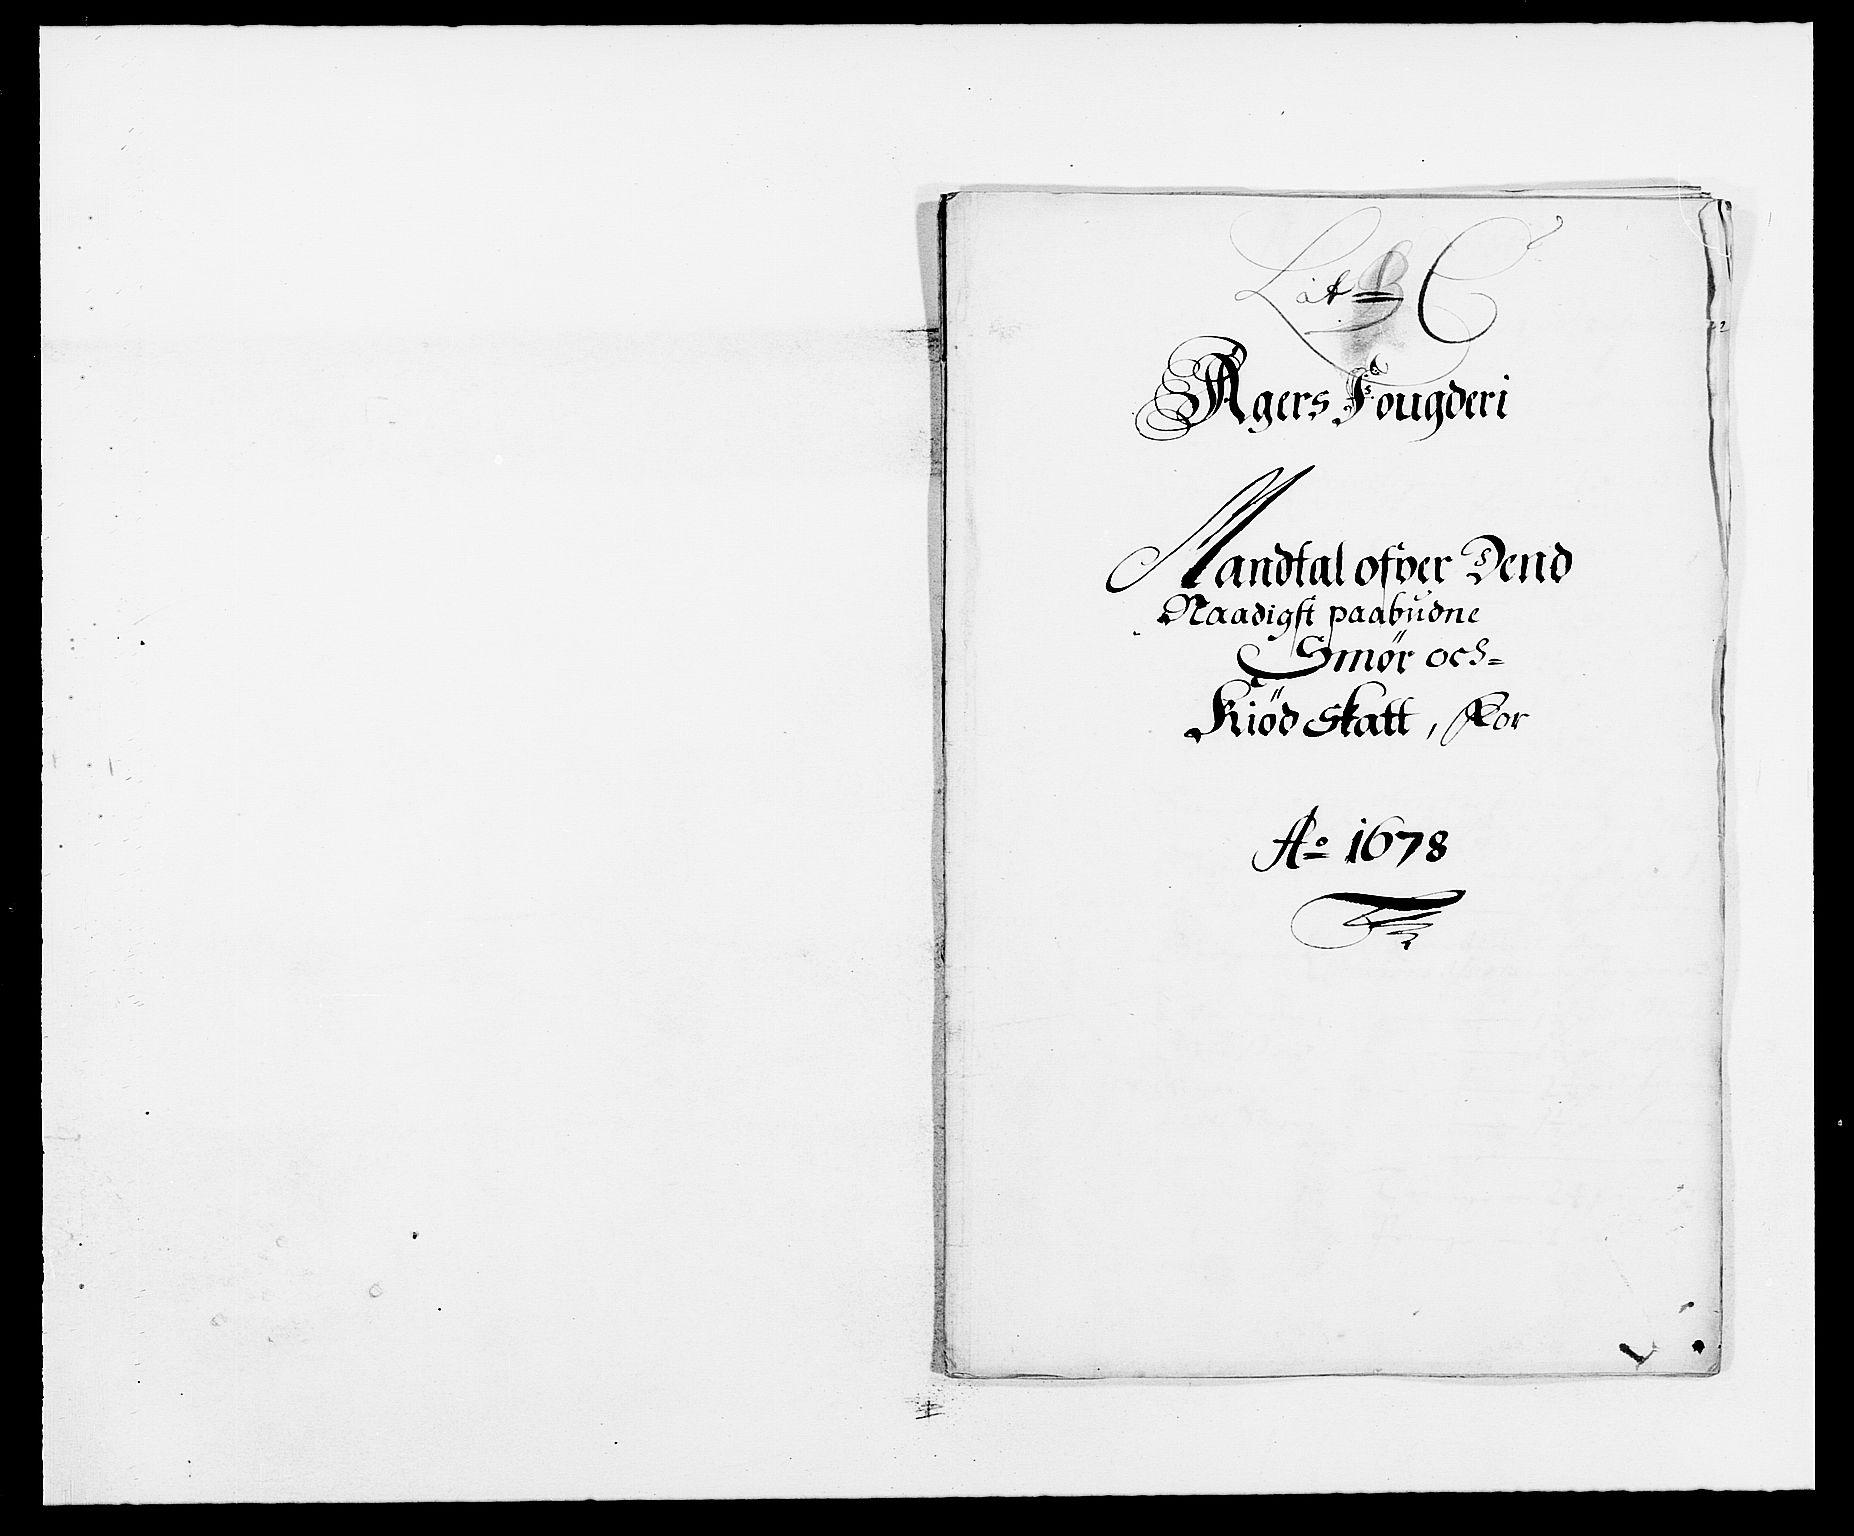 RA, Rentekammeret inntil 1814, Reviderte regnskaper, Fogderegnskap, R08/L0416: Fogderegnskap Aker, 1678-1681, s. 235